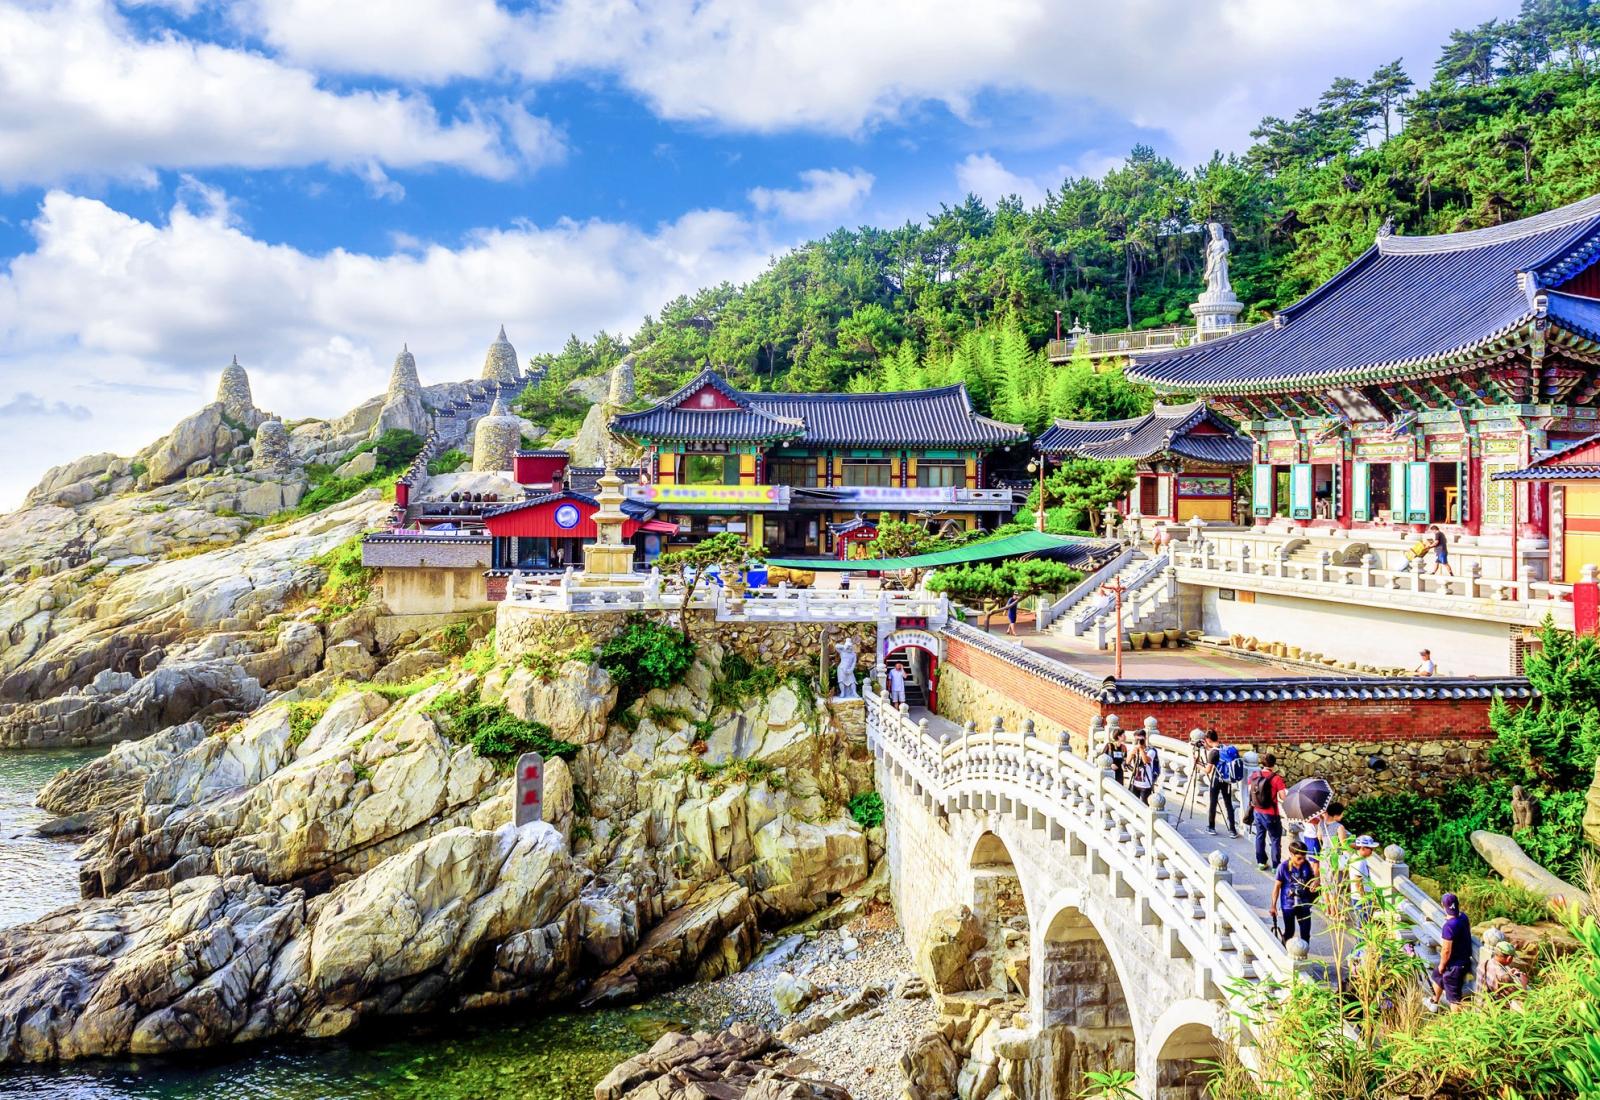 Câu hỏi phỏng vấn thường gặp khi xin visa du lịch Hàn Quốc